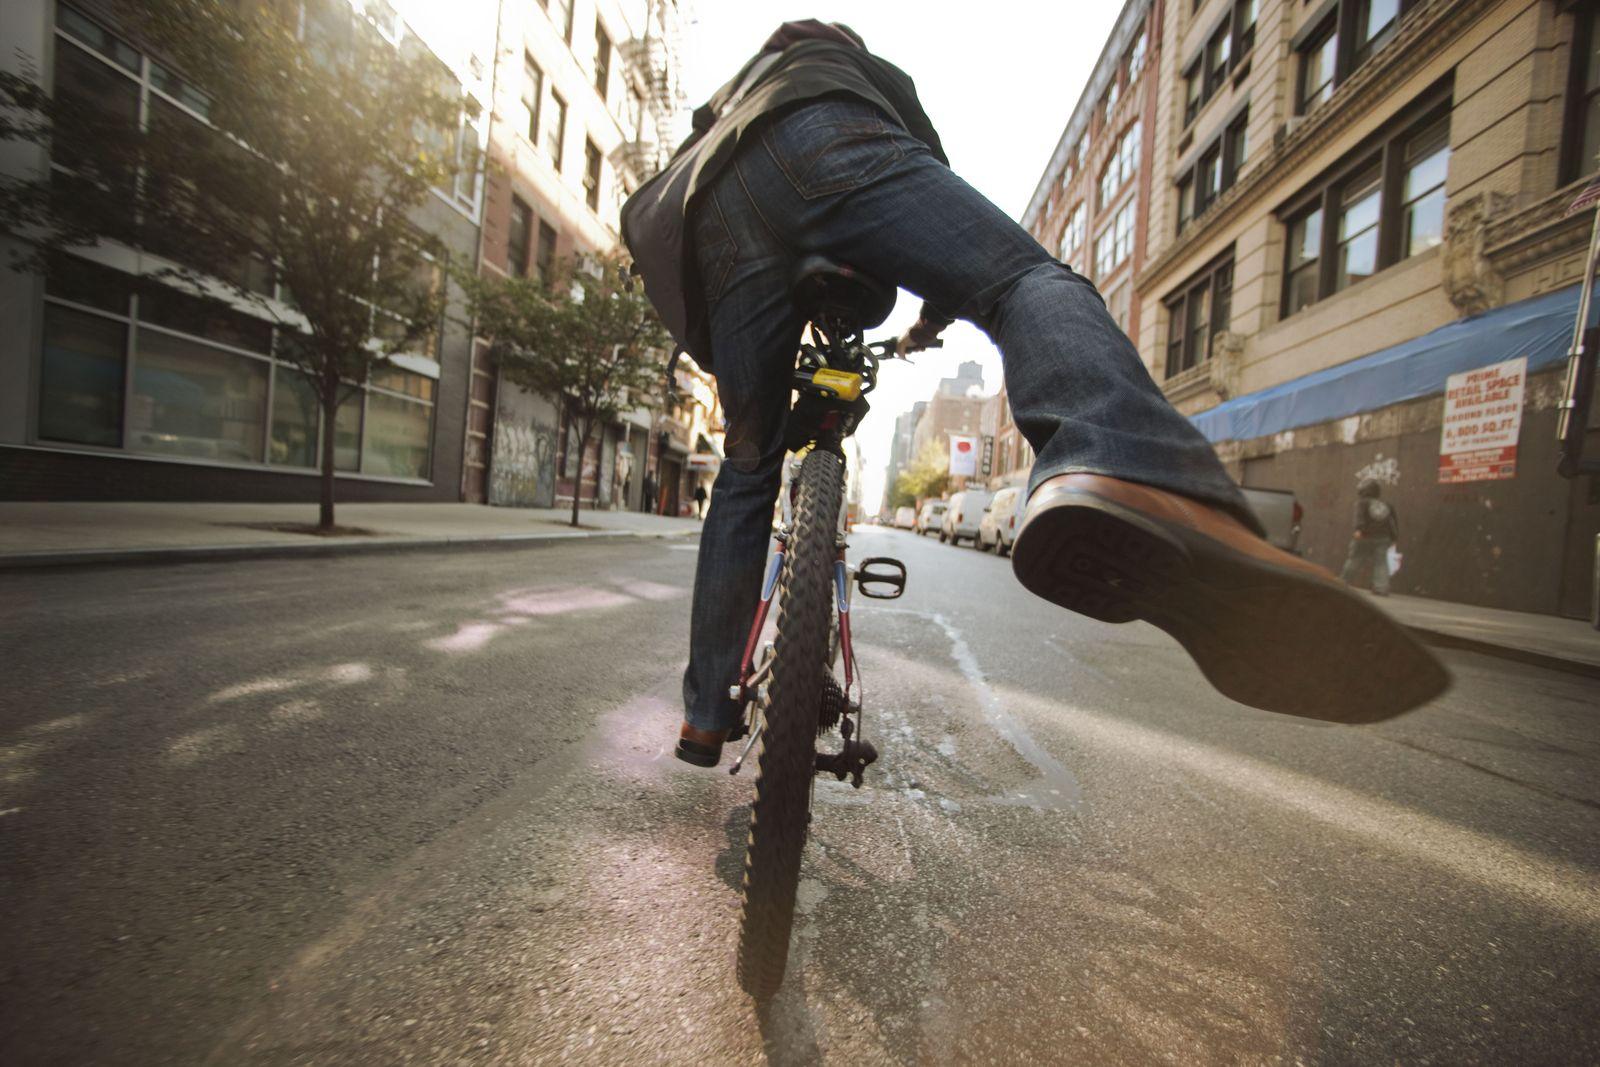 NICHT MEHR VERWENDEN! - New York / Fahrrad